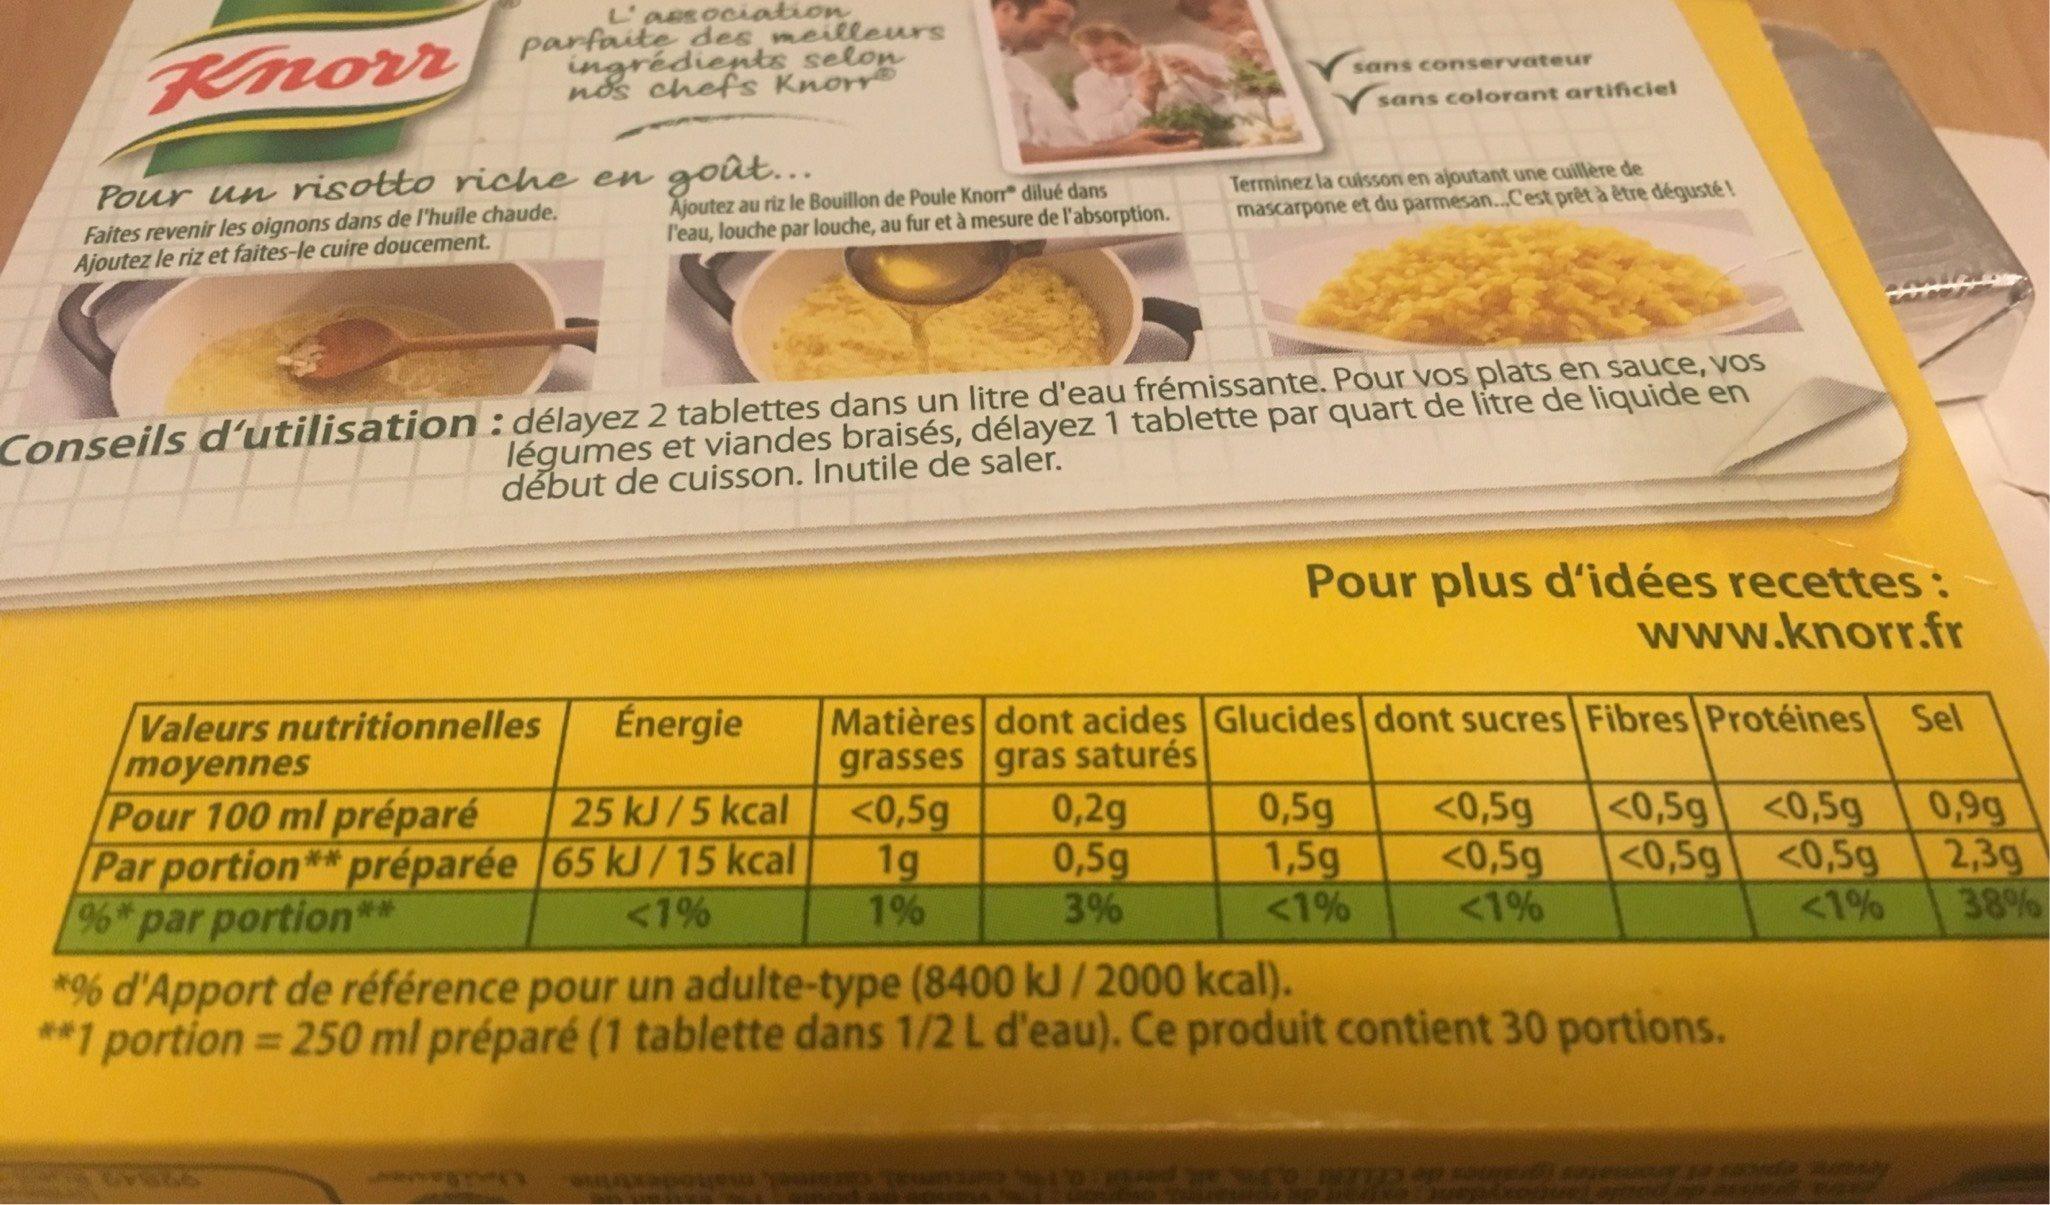 Knorr Bouillon Poule 15 Cubes Offre Saisonnière 150g - Informations nutritionnelles